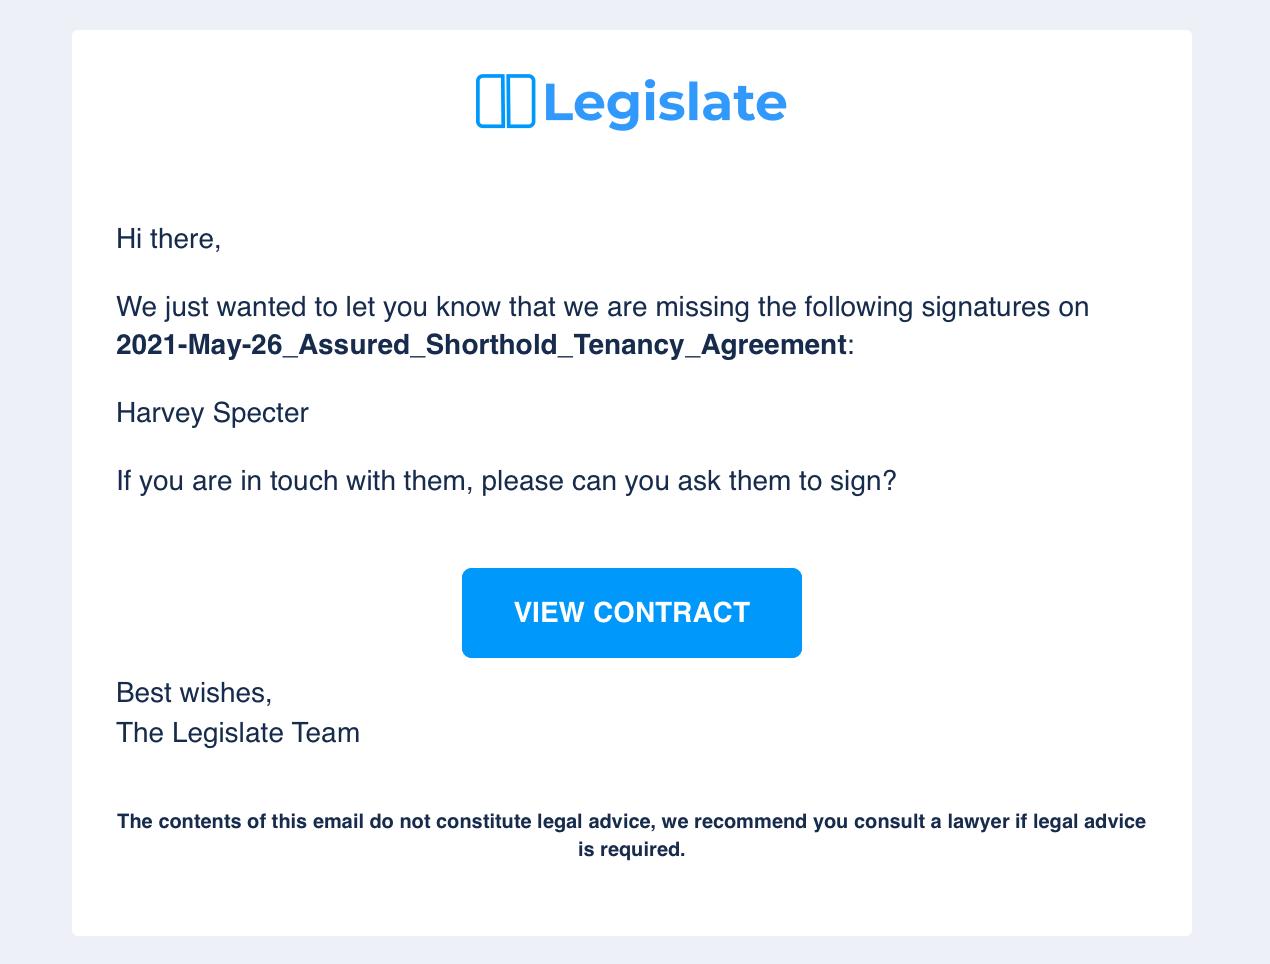 Legislate email reminder